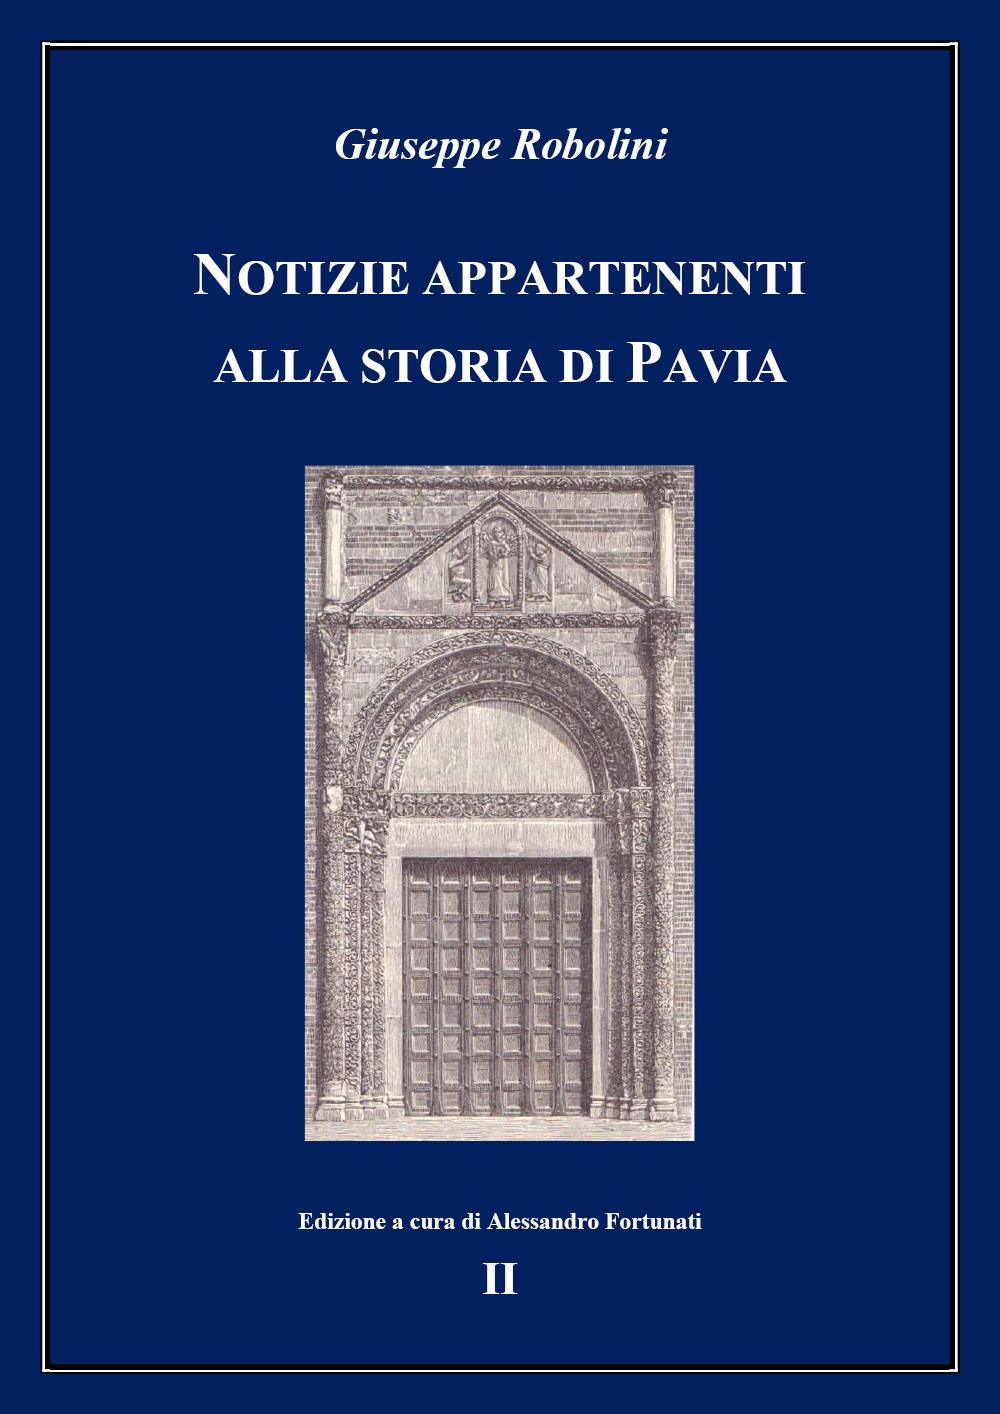 Notizie appartenenti alla storia di Pavia - II